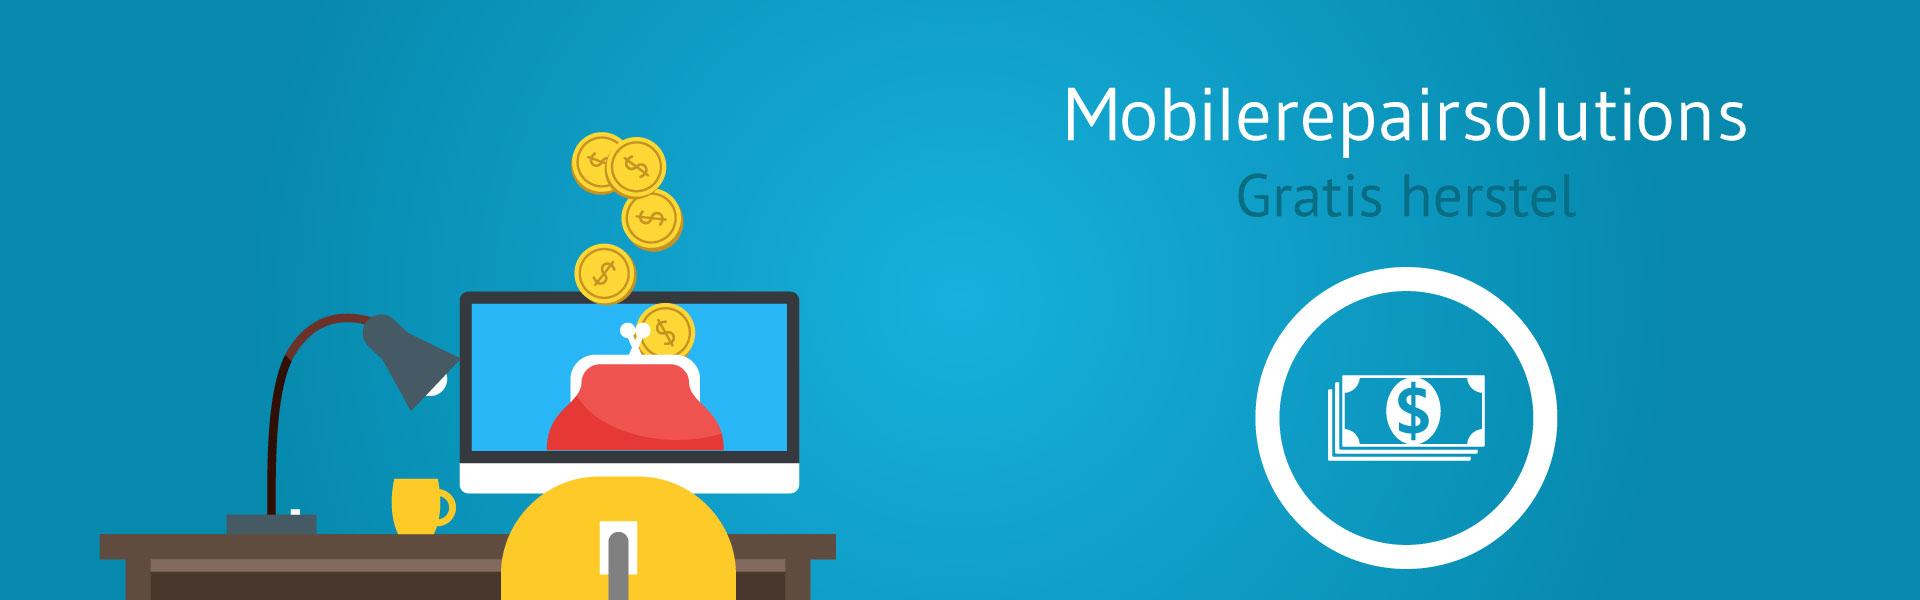 Gratis smartphone & tablet reparatie Sittard - gratis herstel